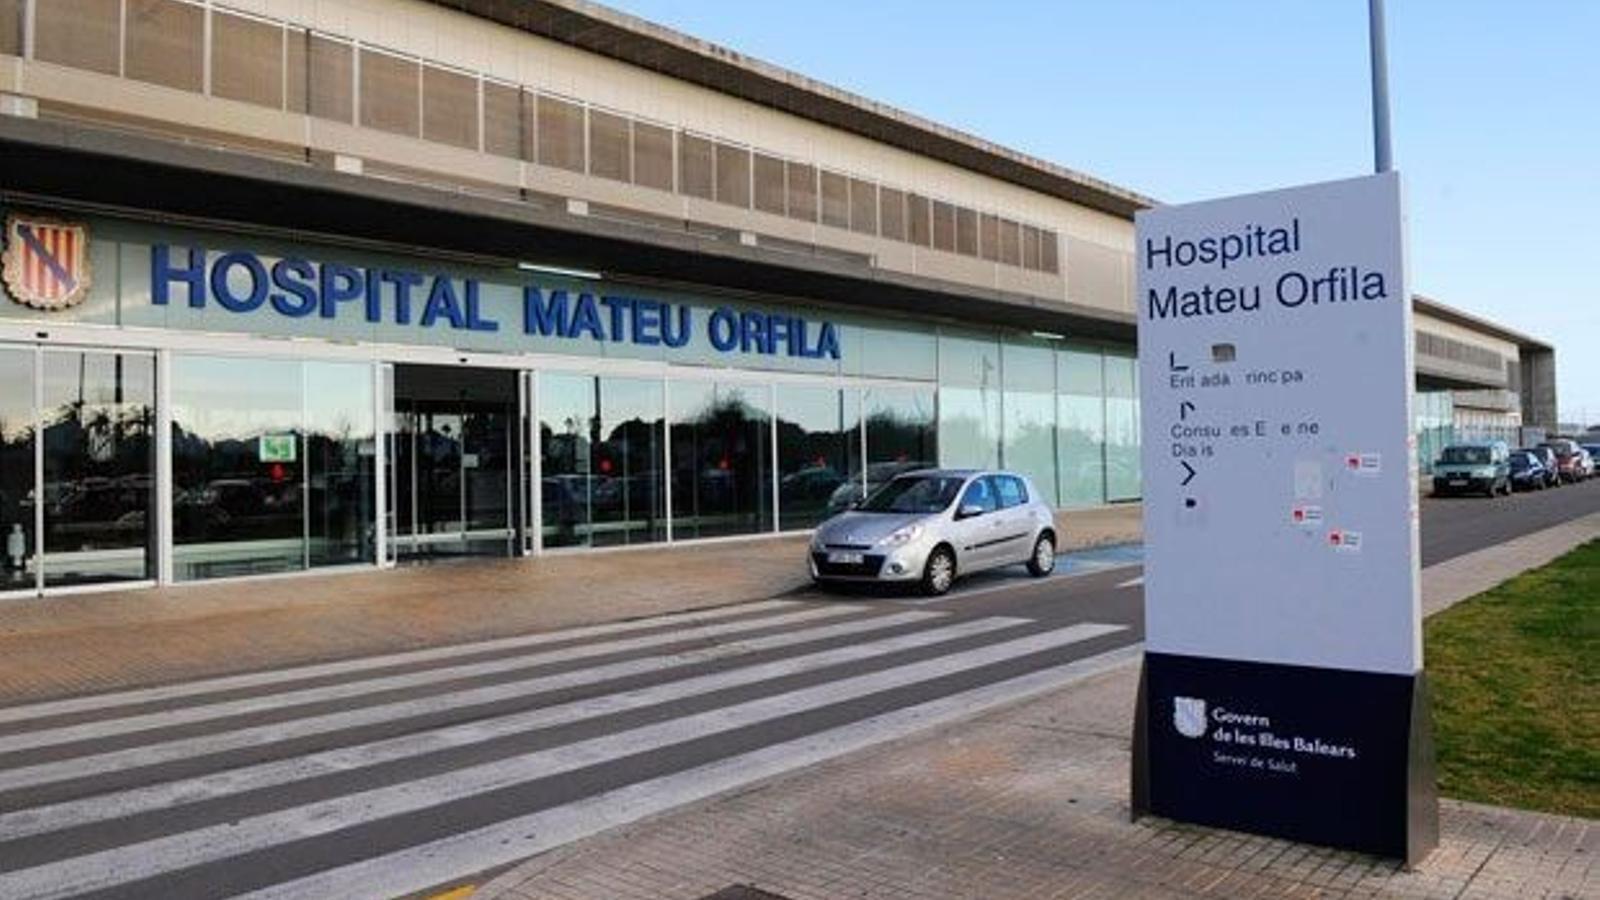 L'hospital Mateu Orfila on es troben els dos joves andorrans. / MATEU ORFILA